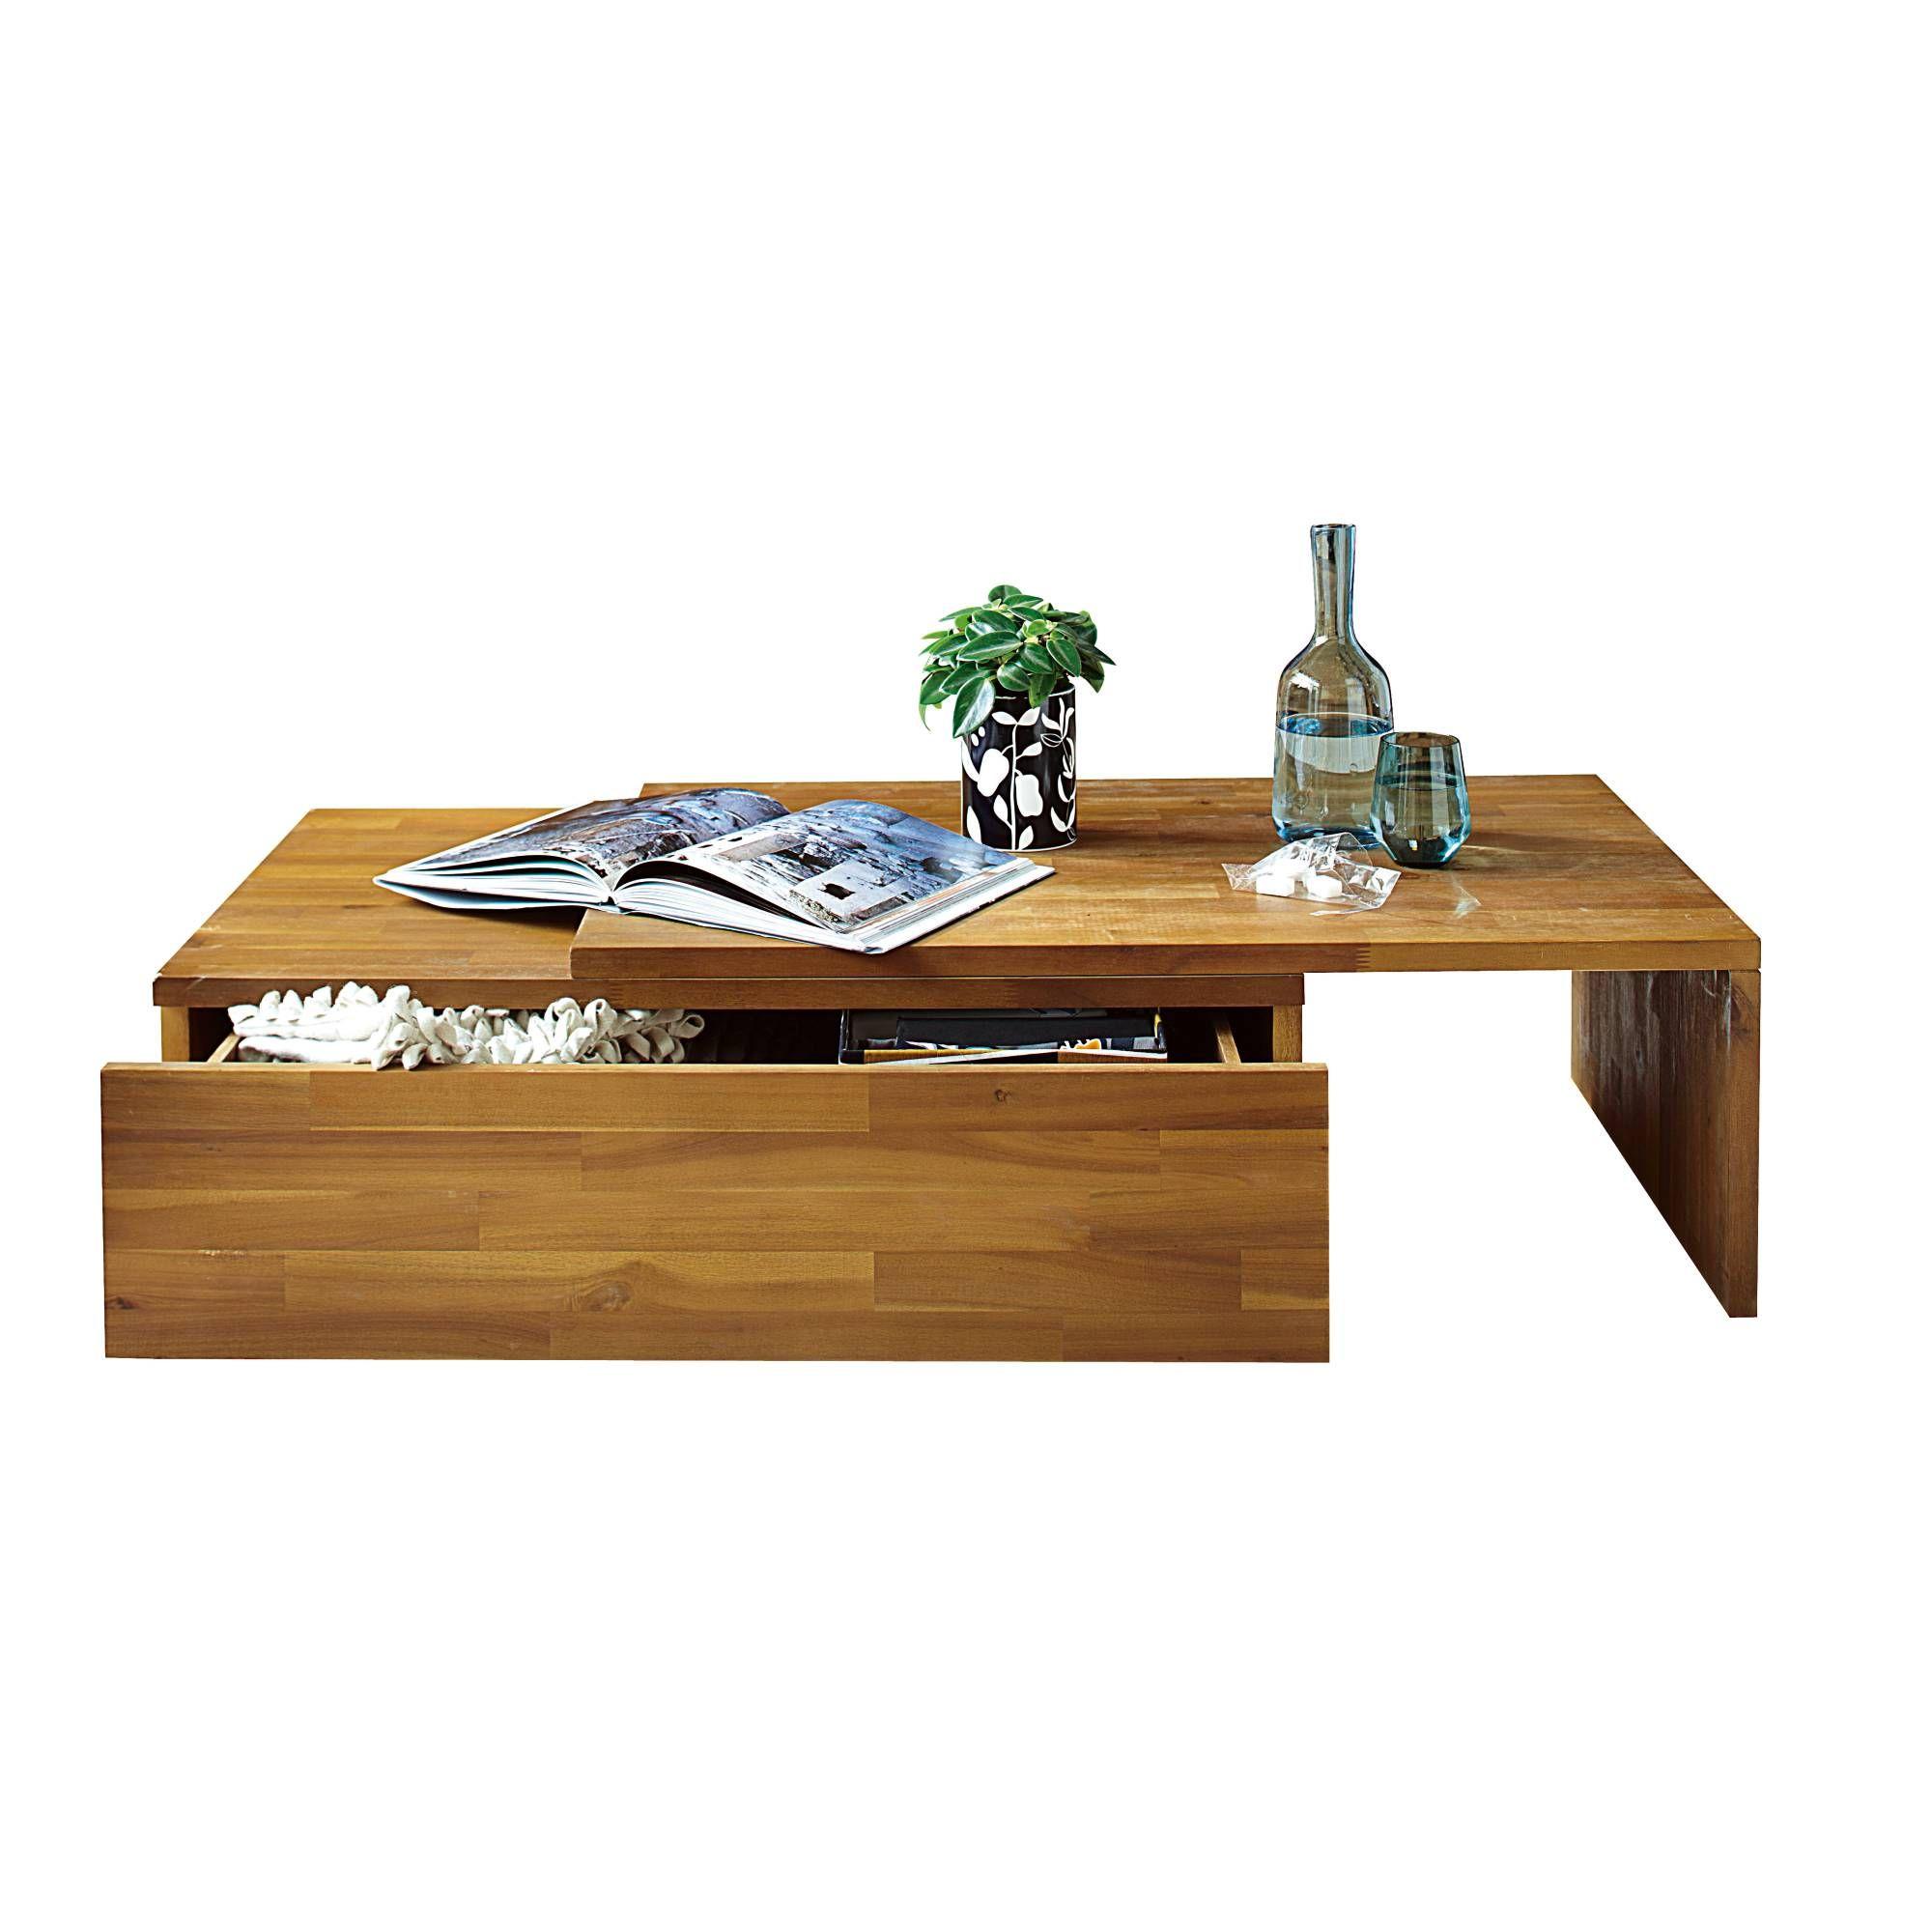 df1d1565e0c9087f7d23fb687af096cf Incroyable De Table Basse Pliante but Concept